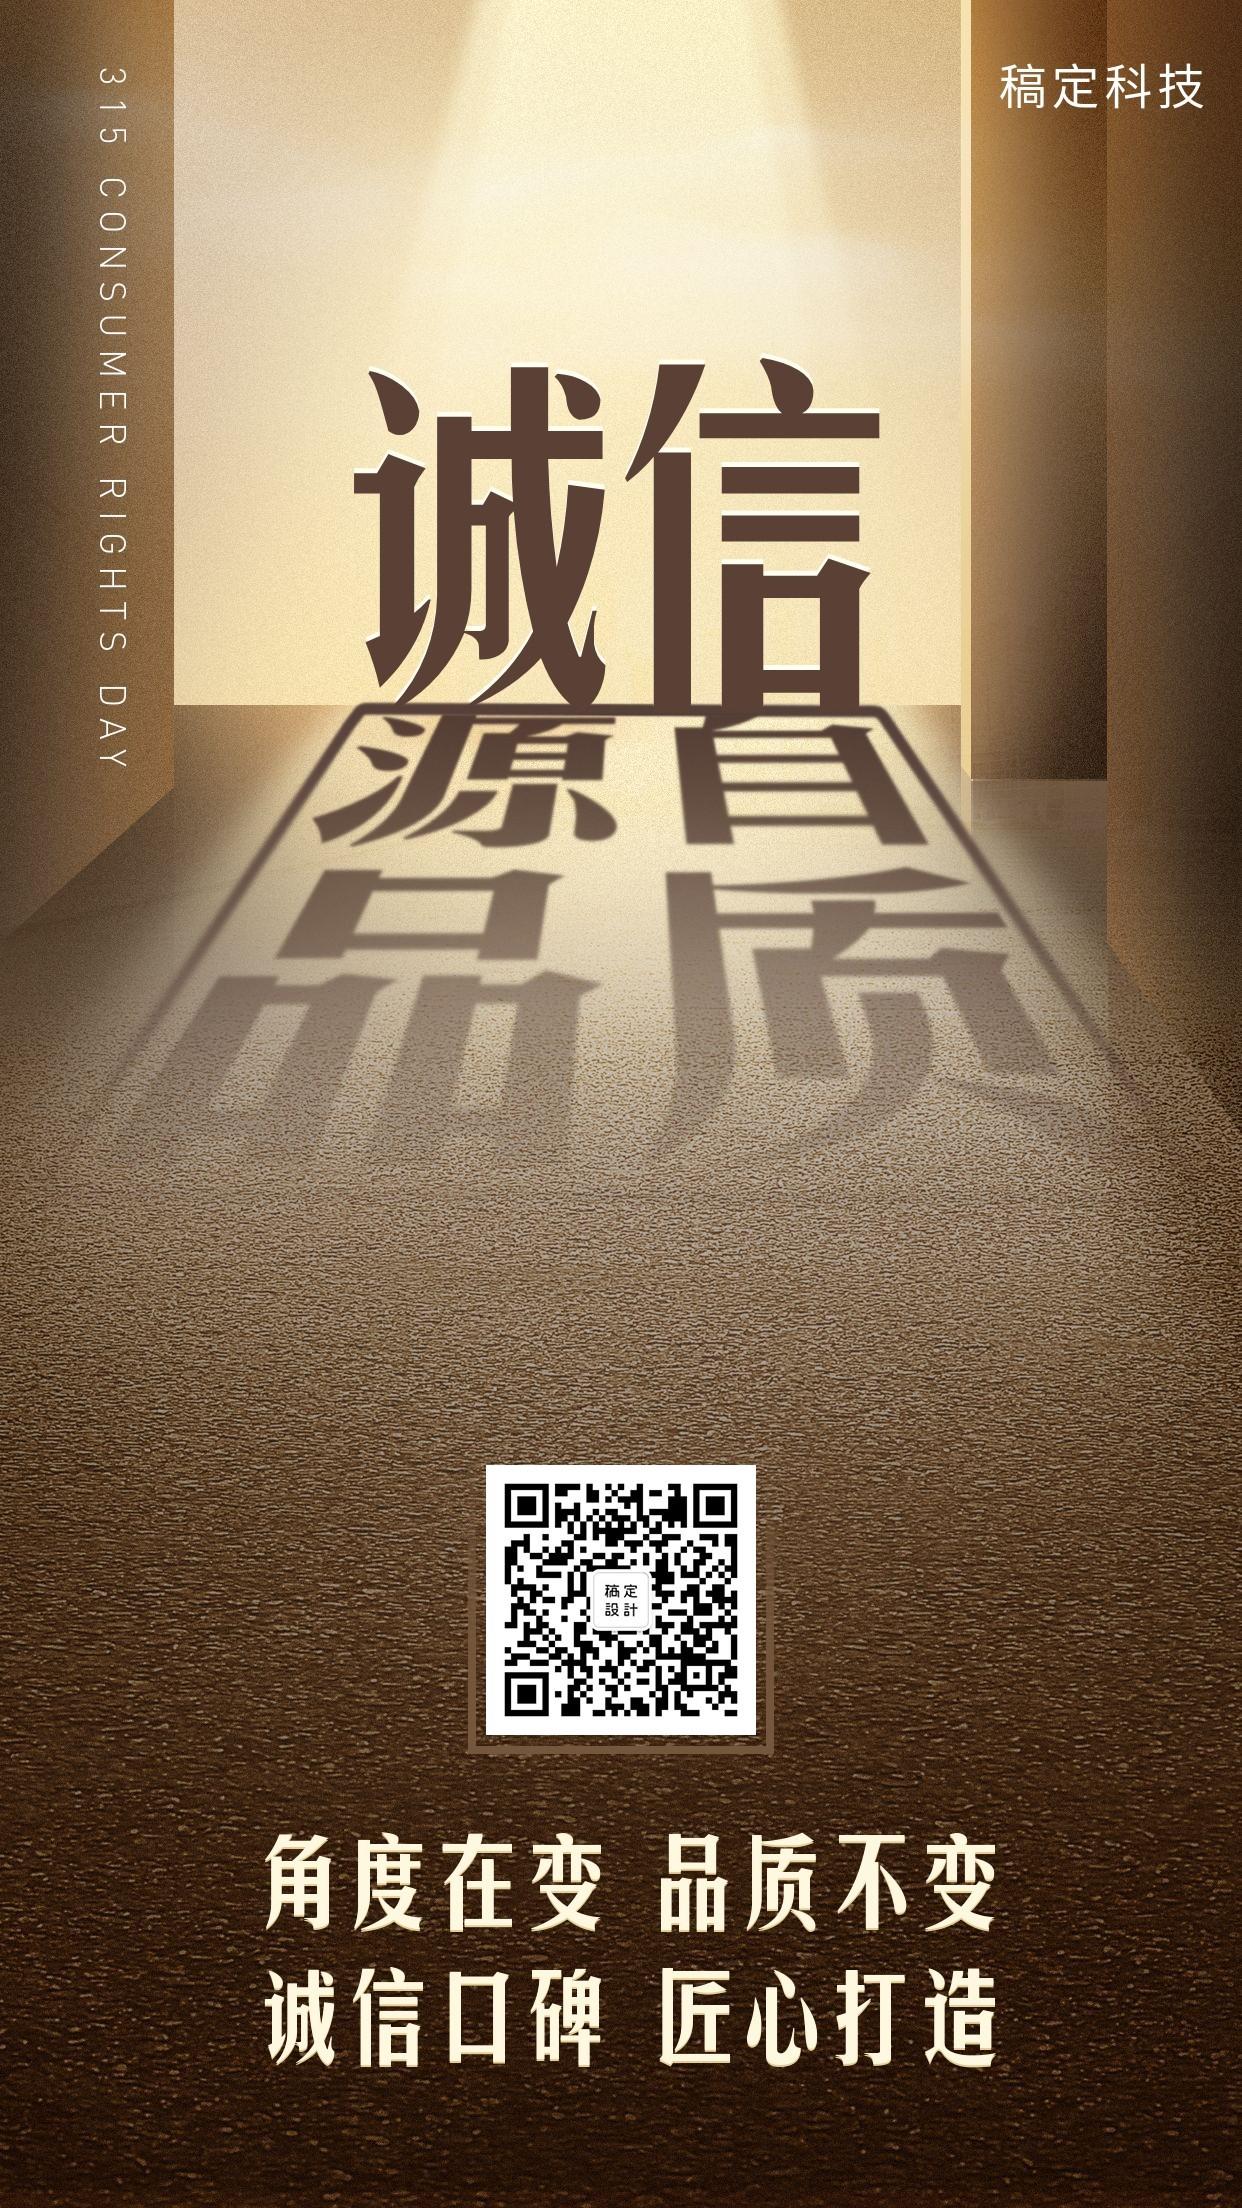 诚信源自品质海报